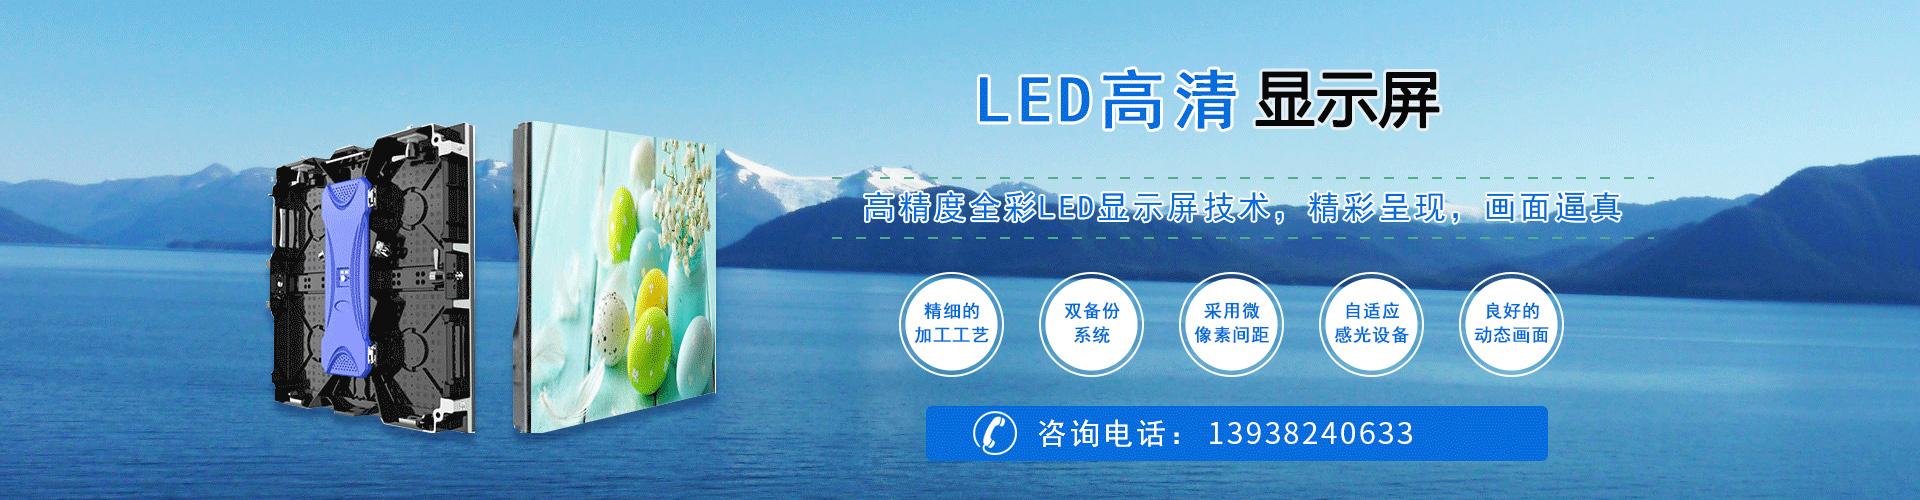 鄭州LED顯示屏